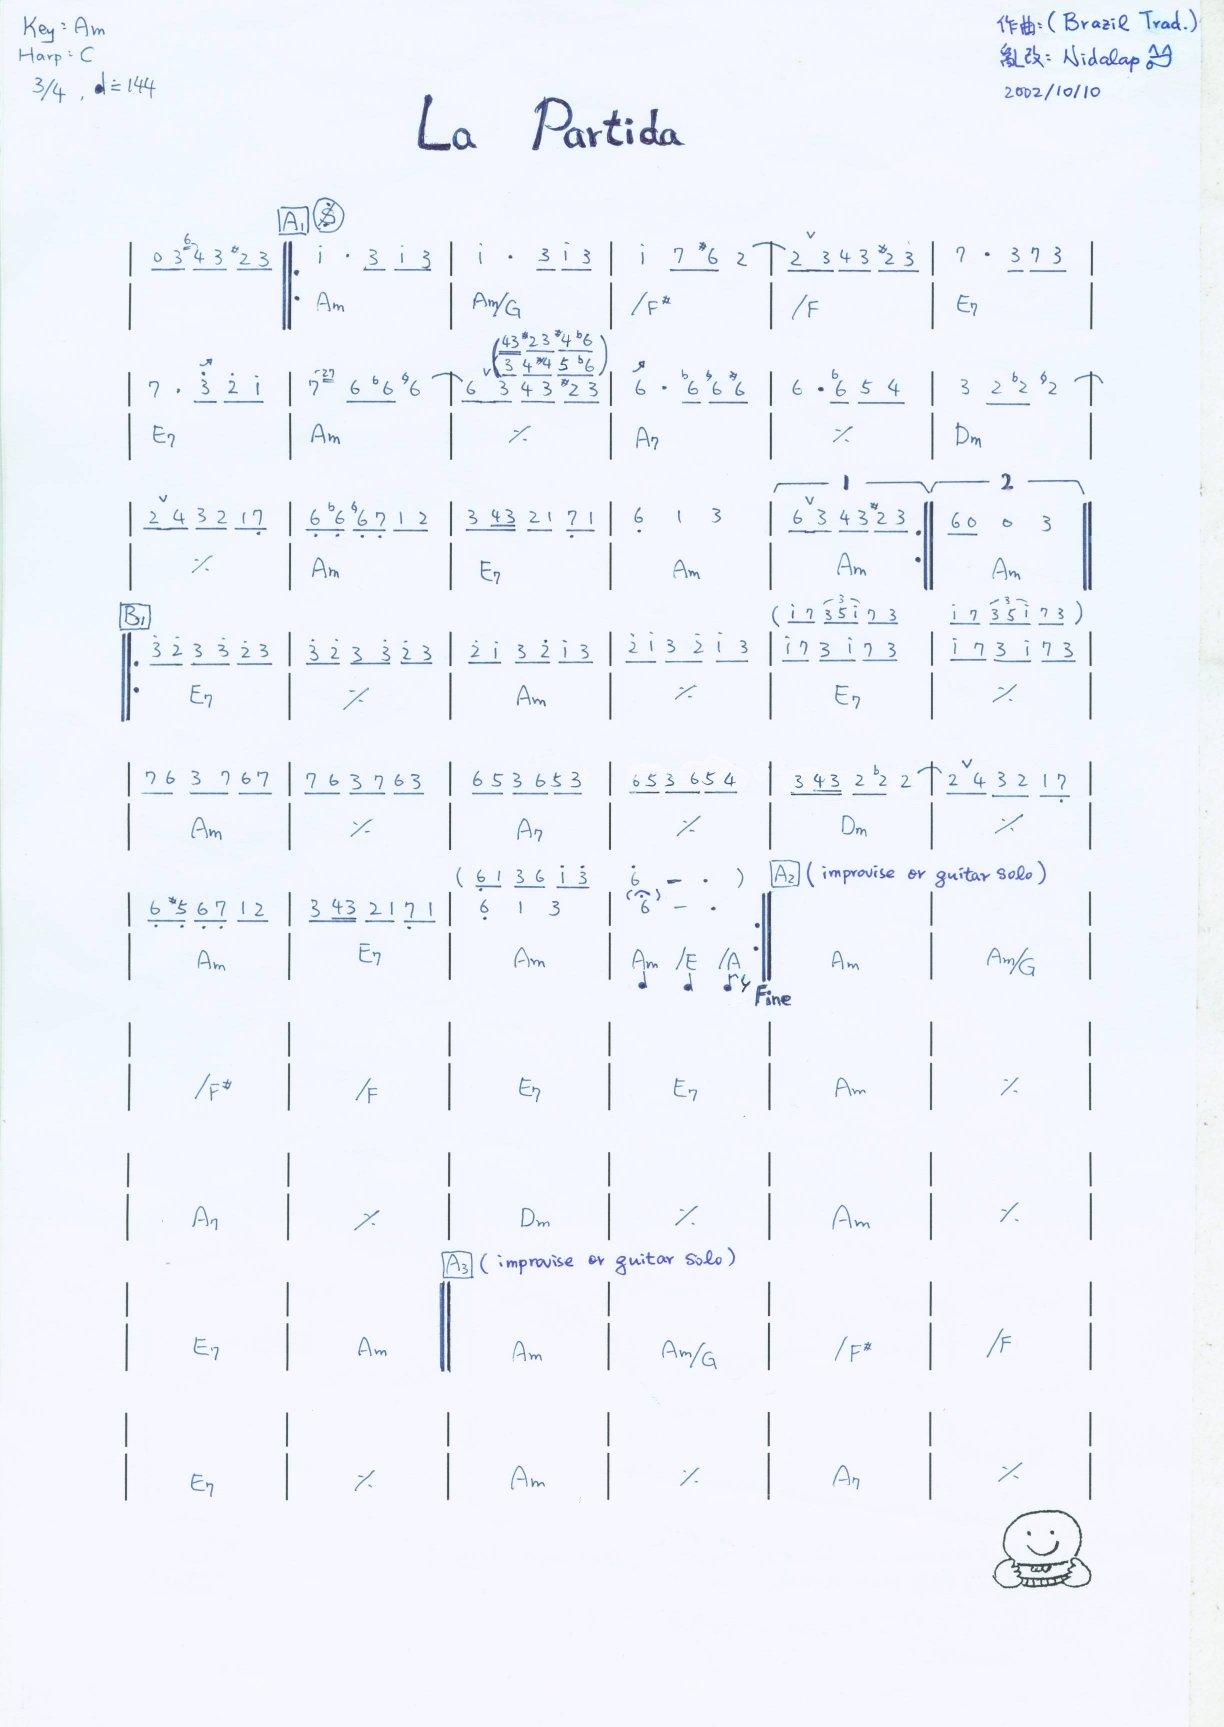 一个手记简谱,翻资料发现的,正好用一用。